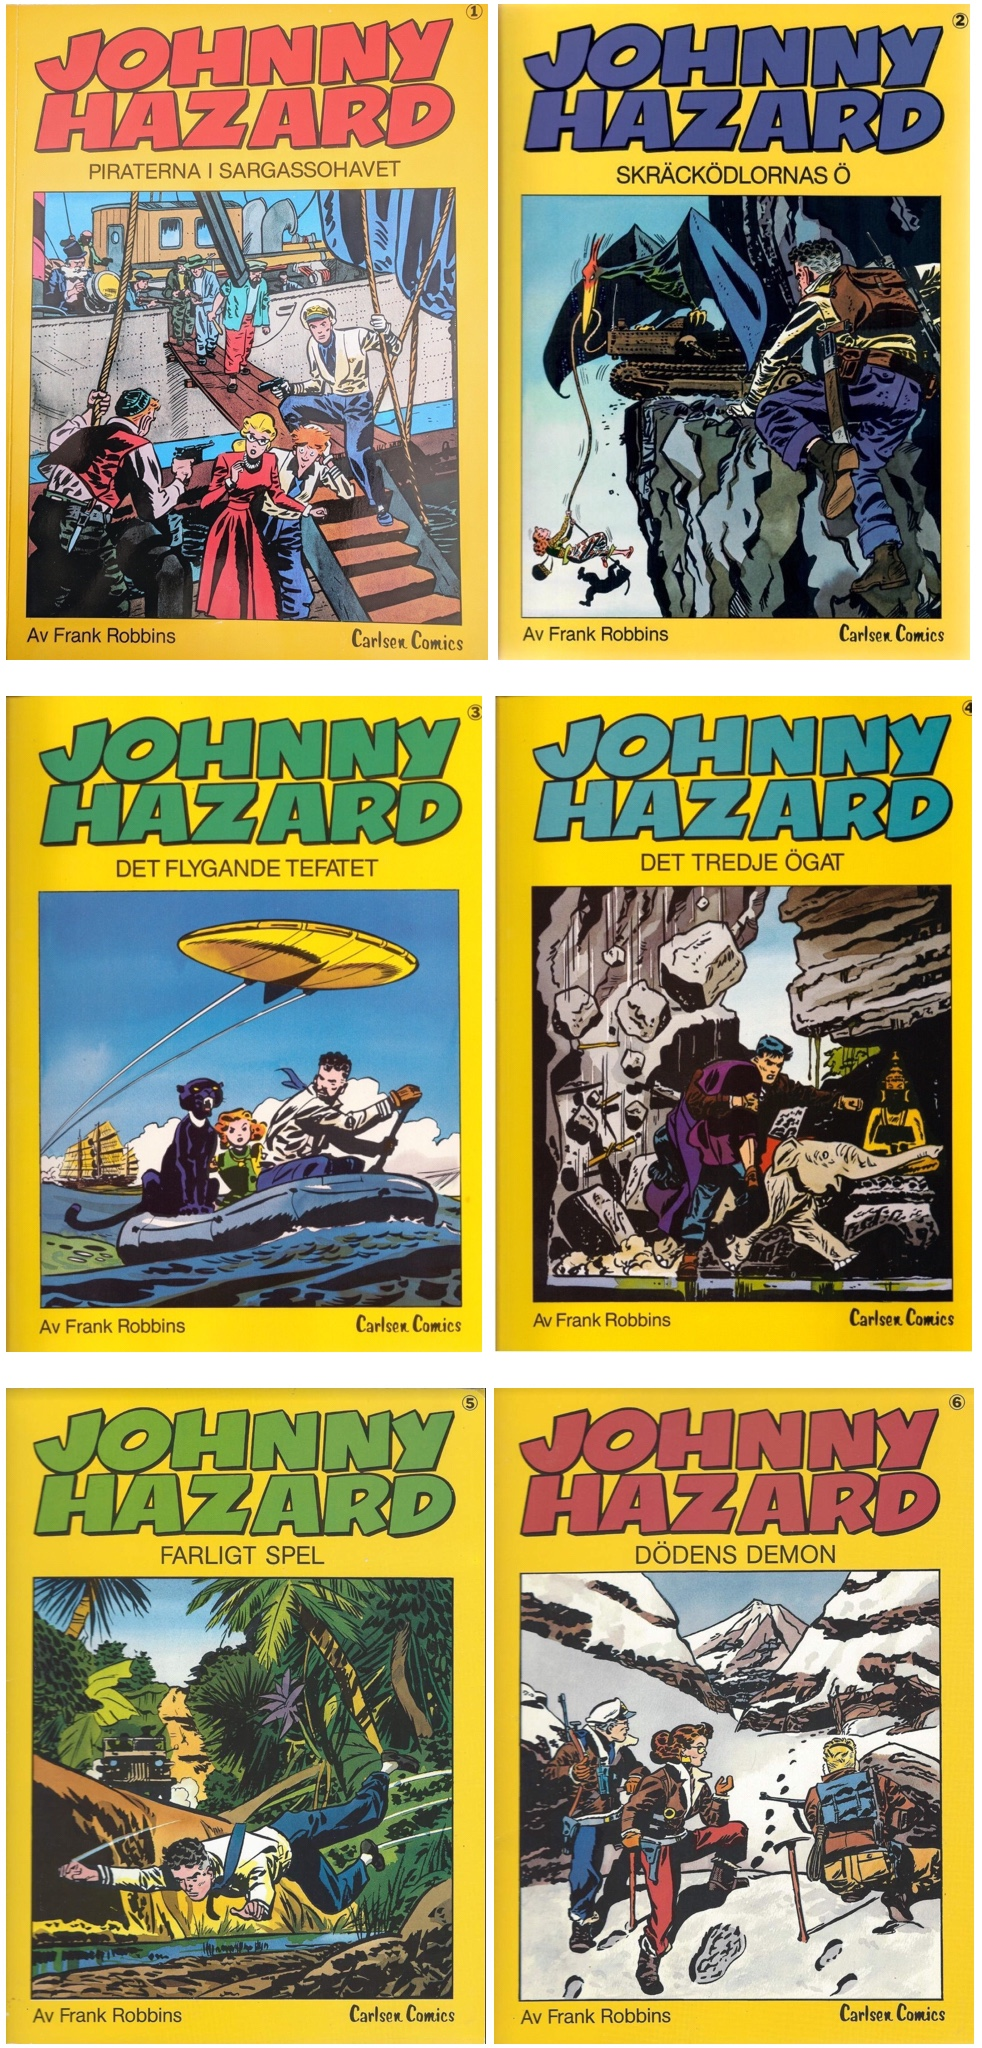 Johnny Hazards äventyr, utgivna av Carlsen 1983-86